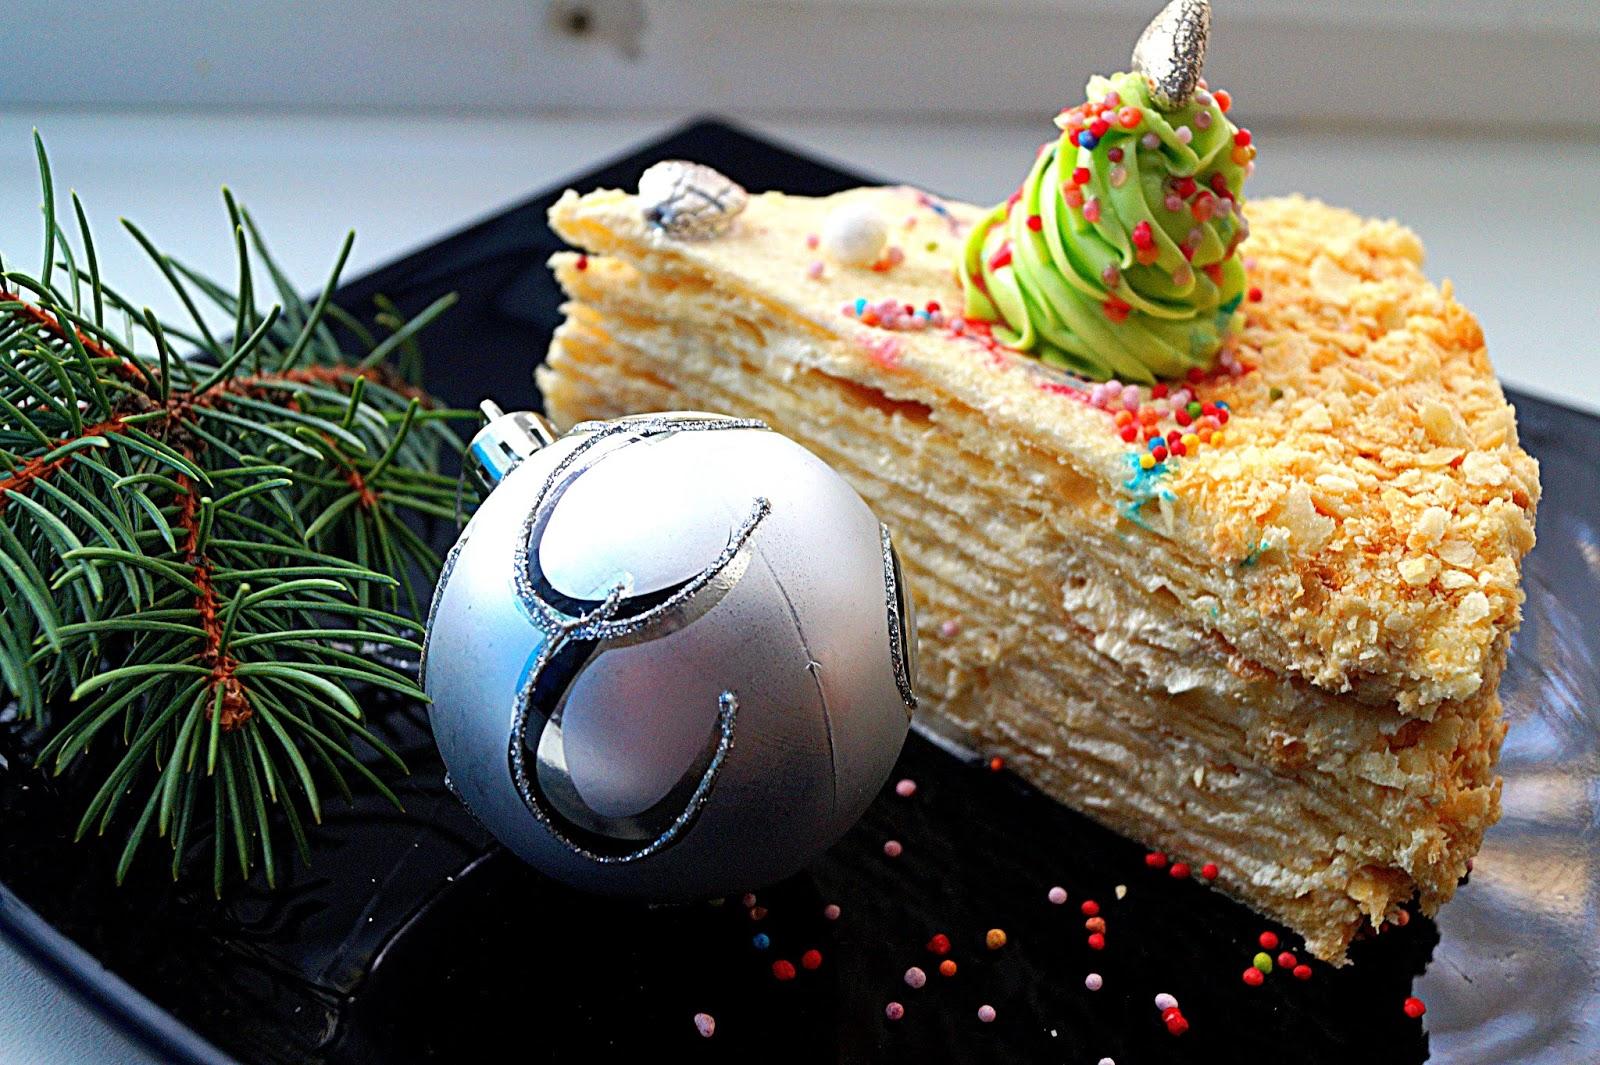 Бисквитный торт на новый 2021 год — простые рецепты вкусных и красивых домашних новогодних тортов